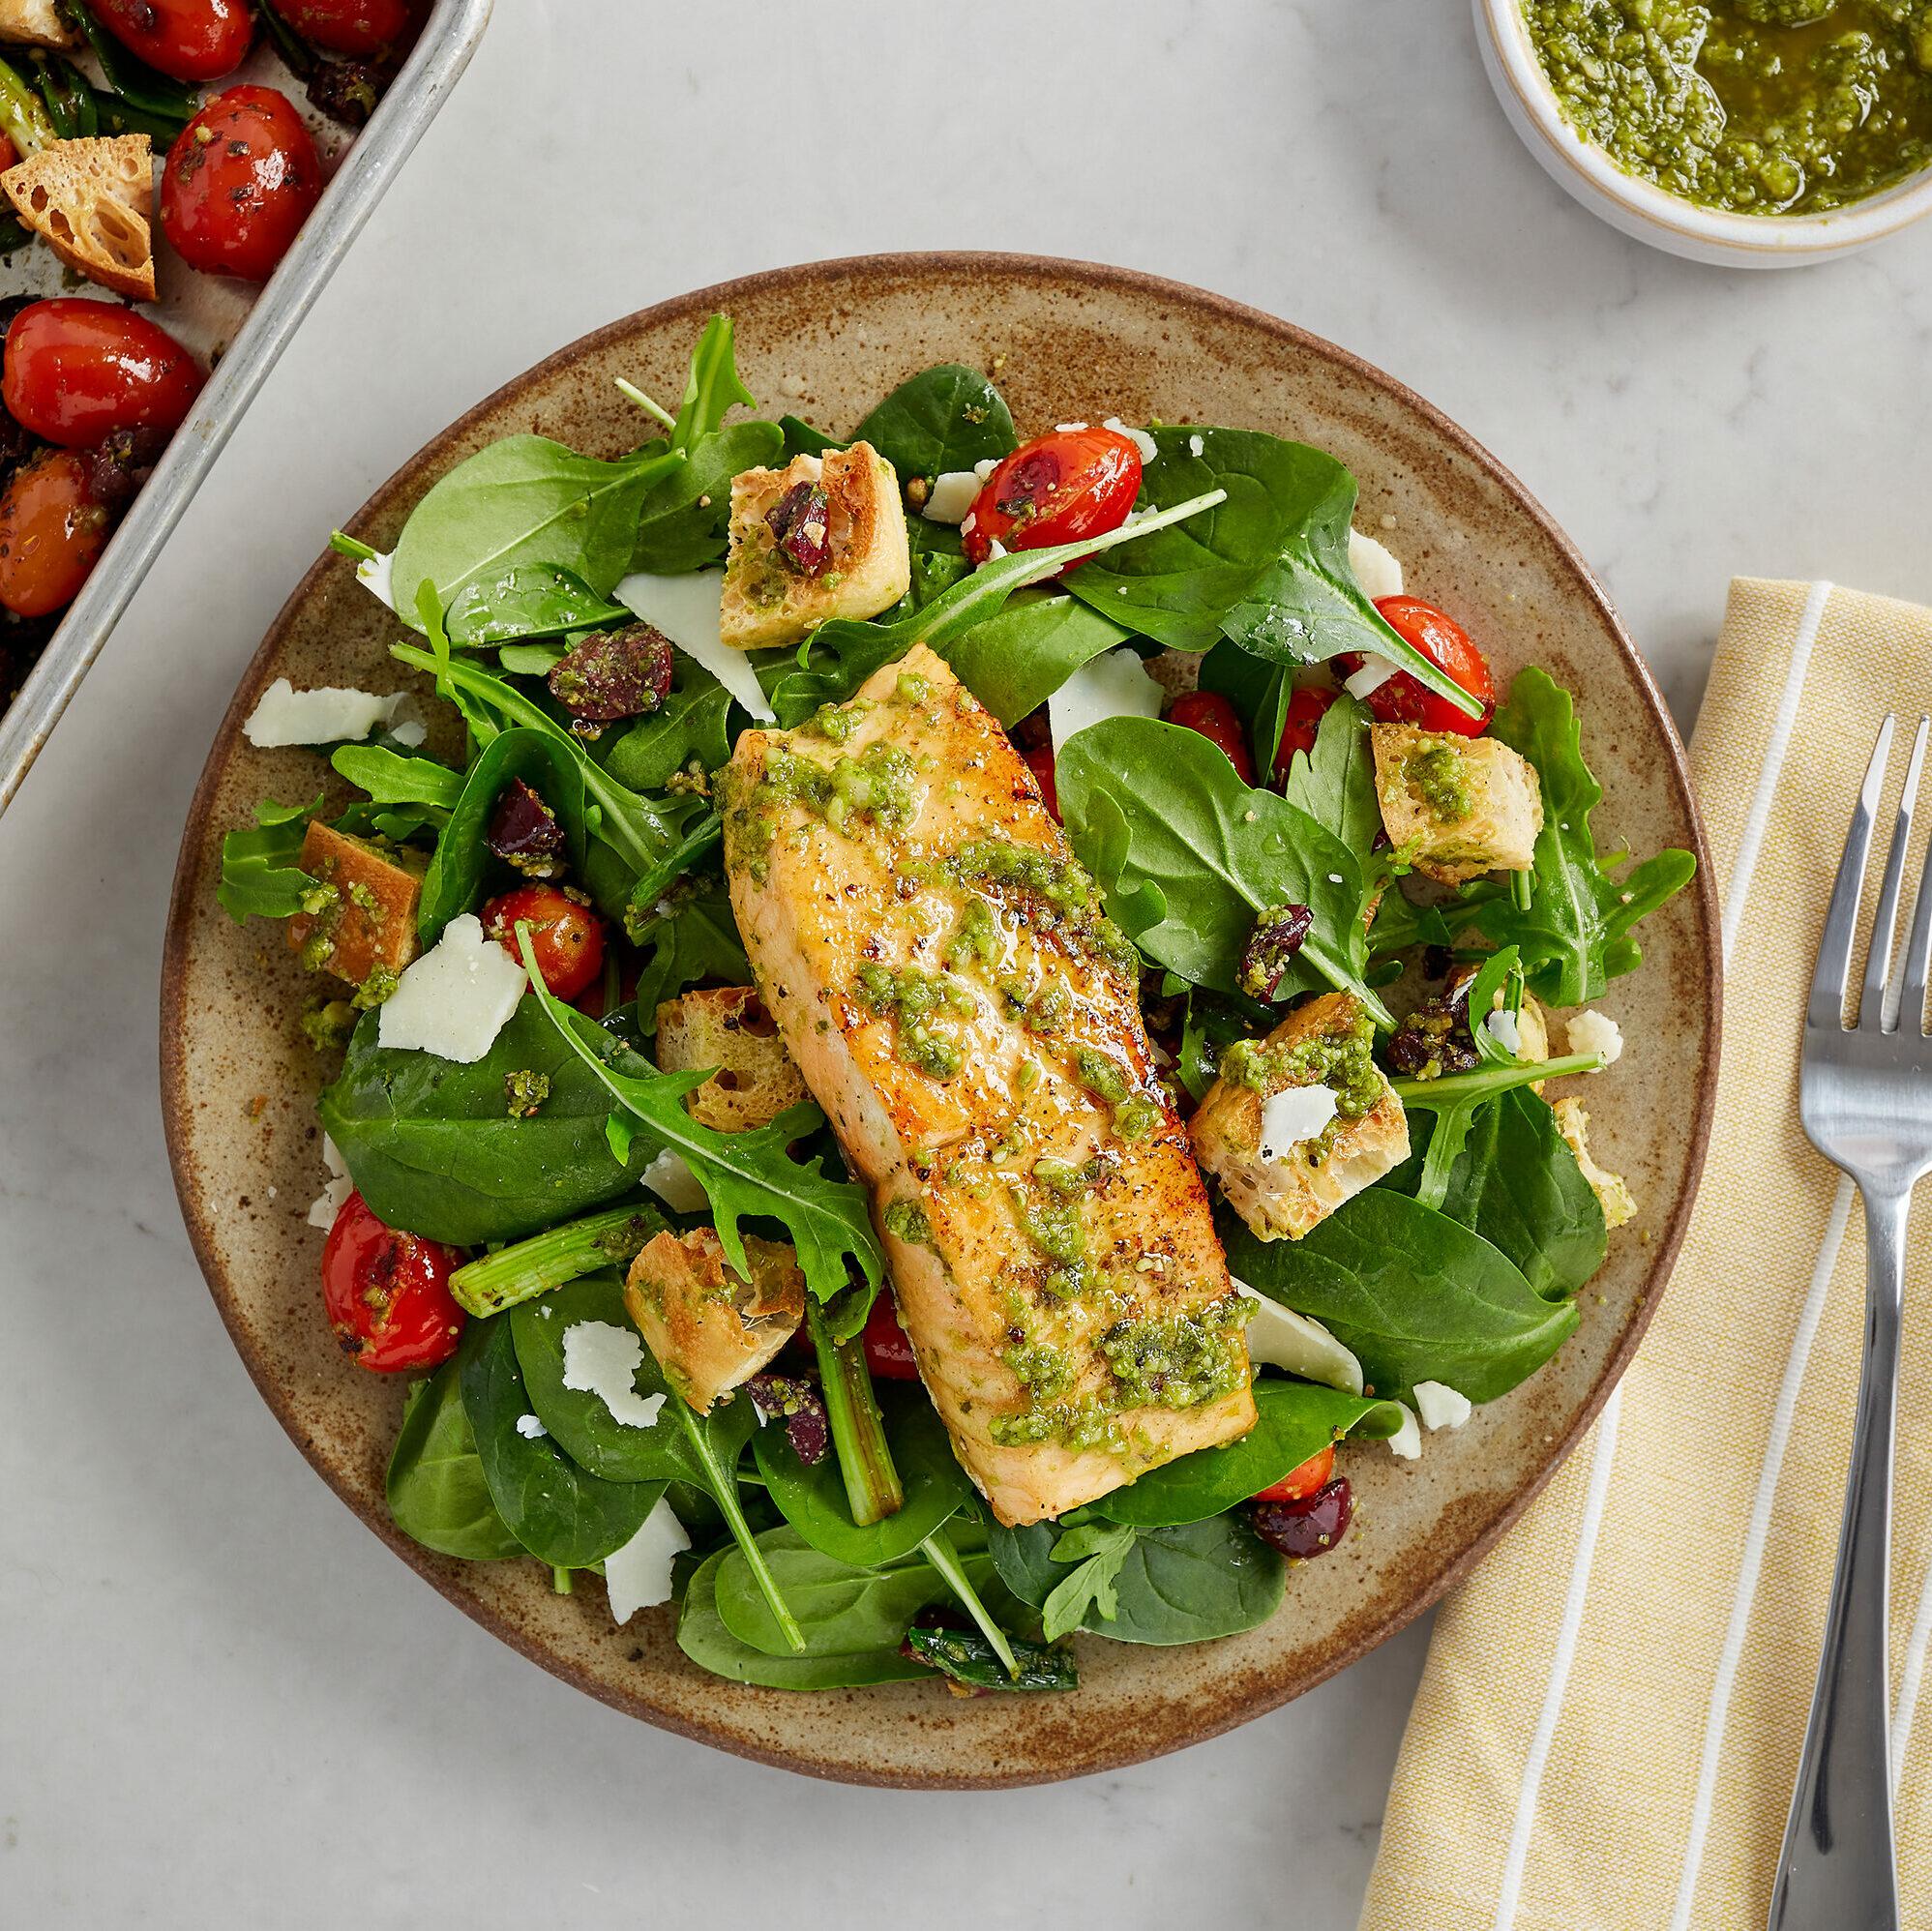 Sheet Pan Basil Pesto Salmon Panzanella with Arugula & Red Wine Vinaigrette